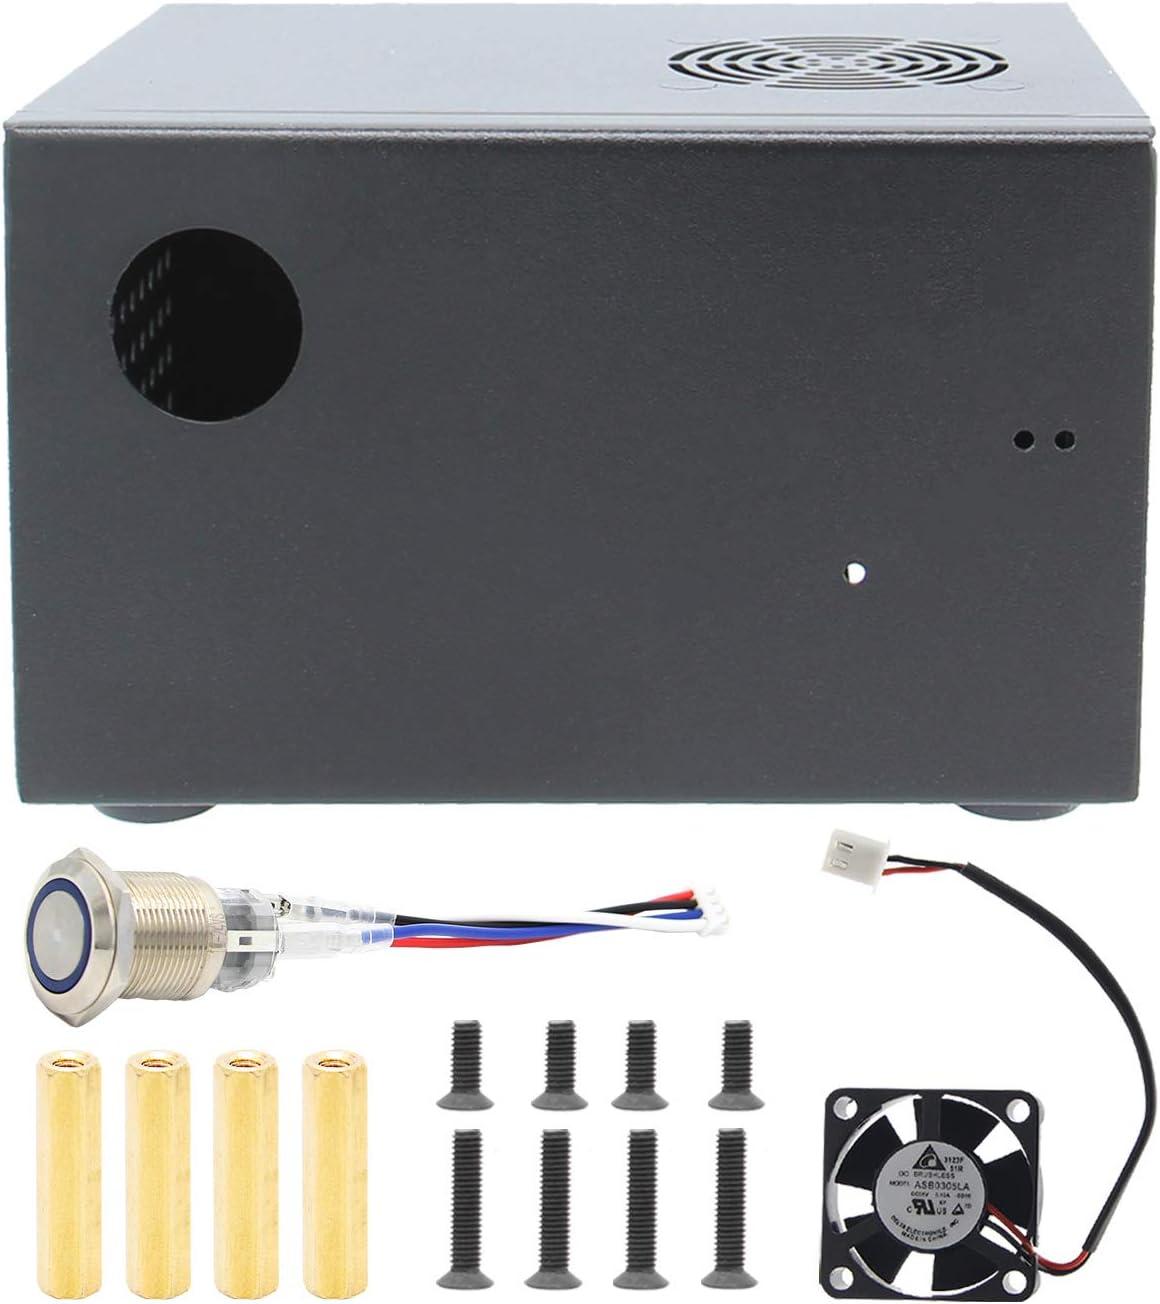 Geekworm Raspberry Pi X825 C6 Metal Case Switch Fan Computer Zubehör